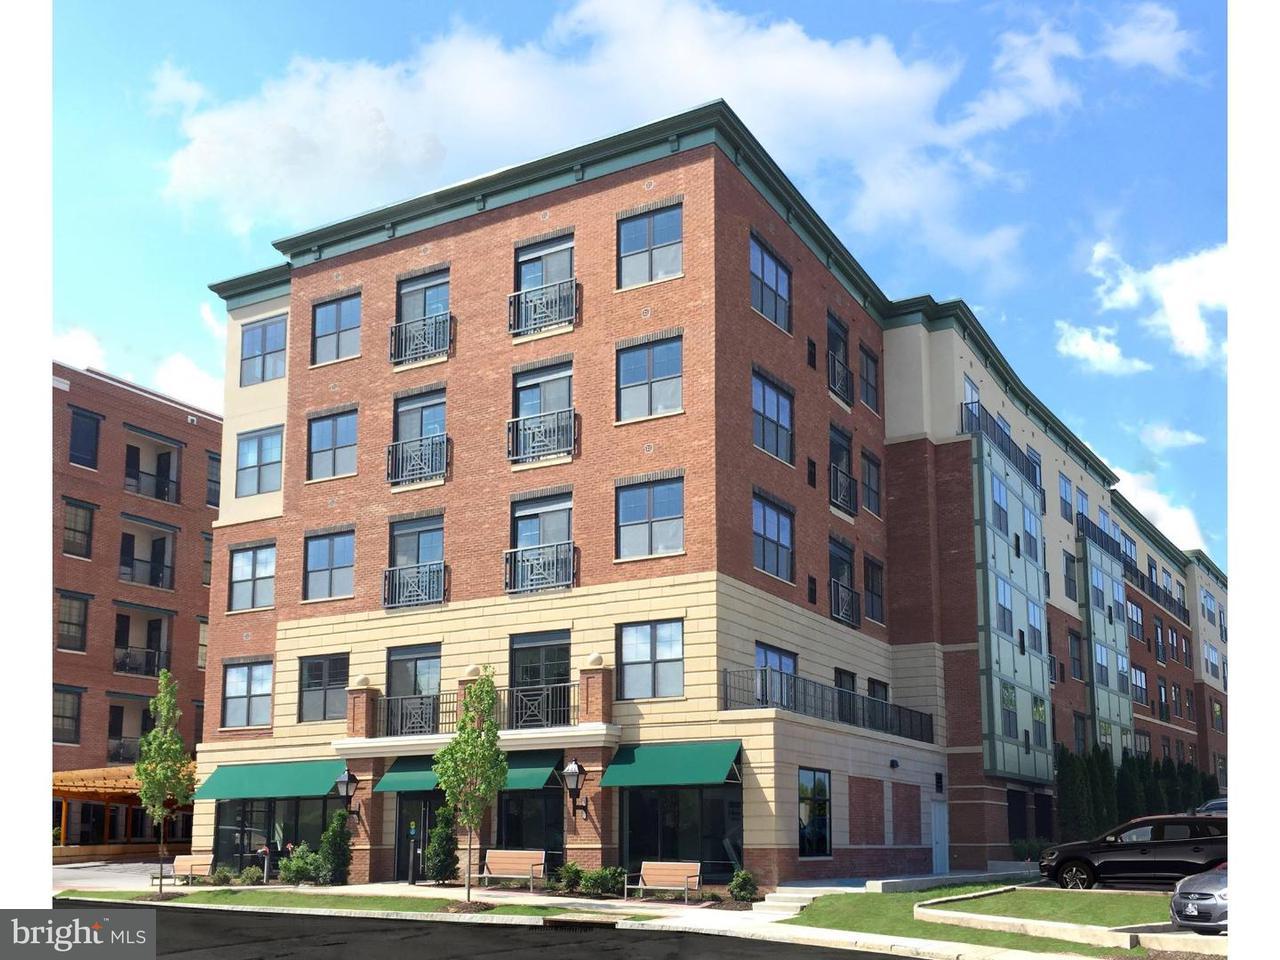 Casa Unifamiliar por un Alquiler en 110 SIBLEY AVE #PH-01 Ardmore, Pennsylvania 19003 Estados Unidos